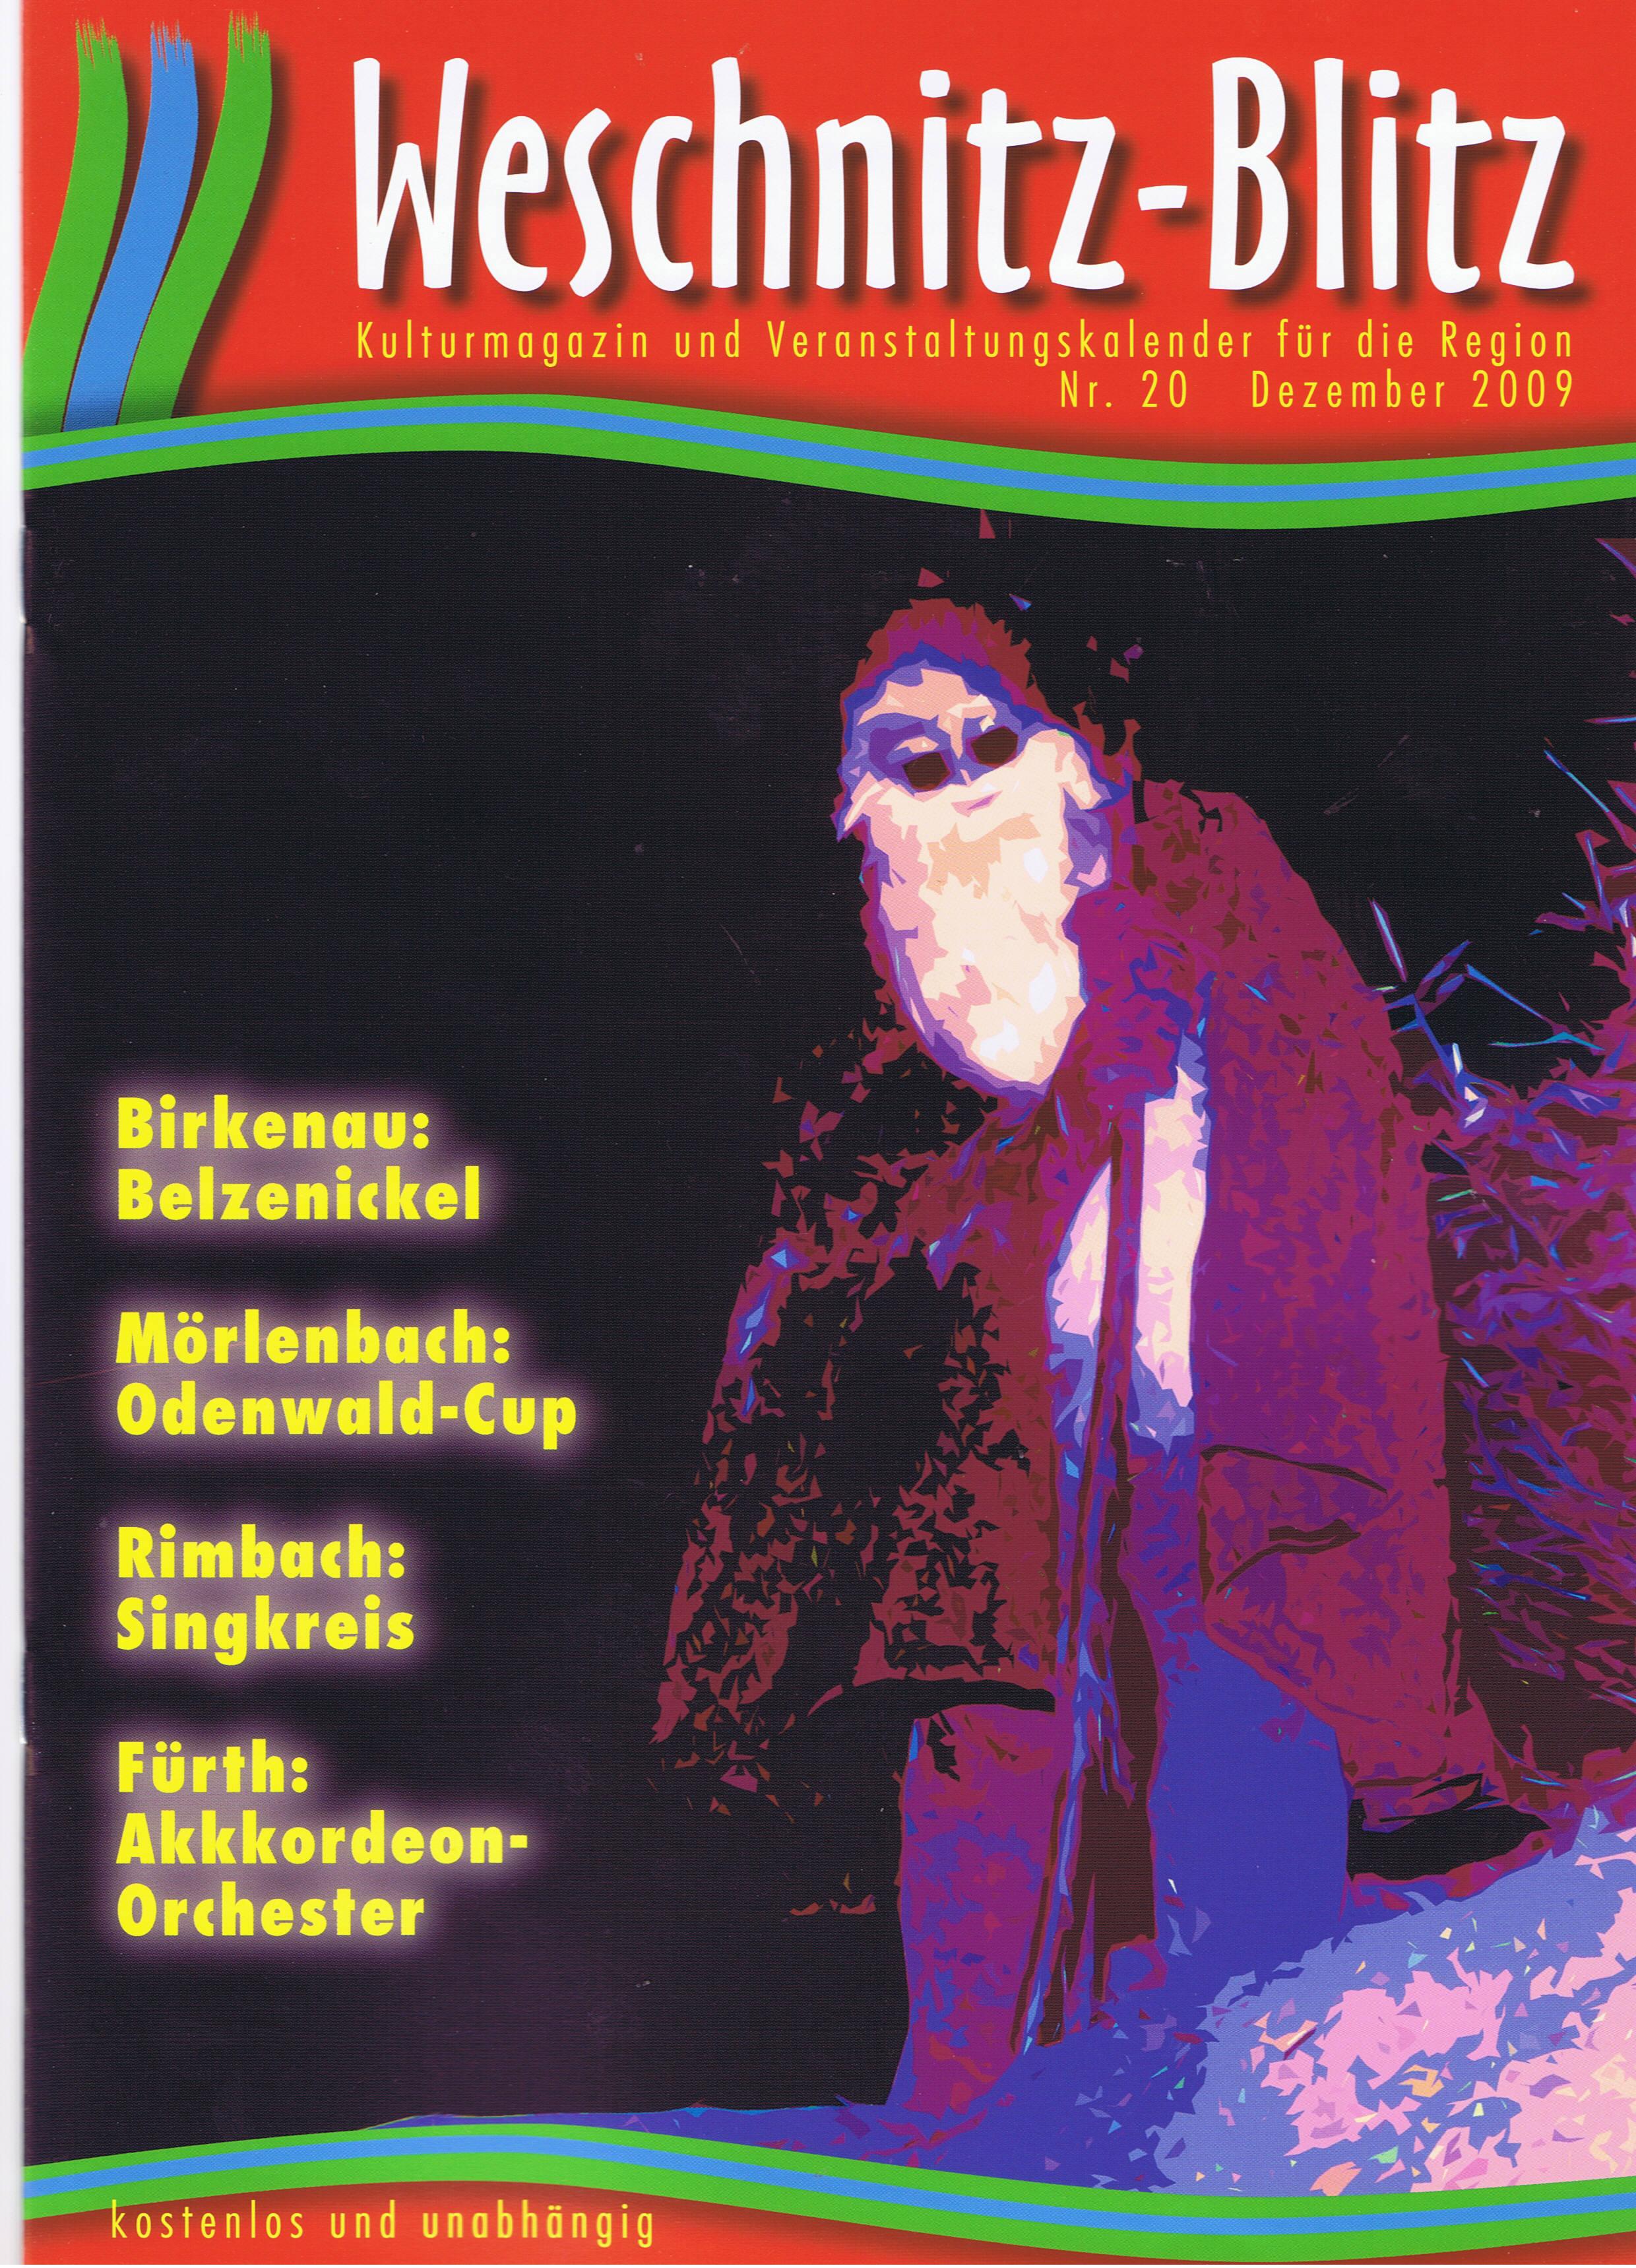 Weschnitzblitz-Titel 09-11-28